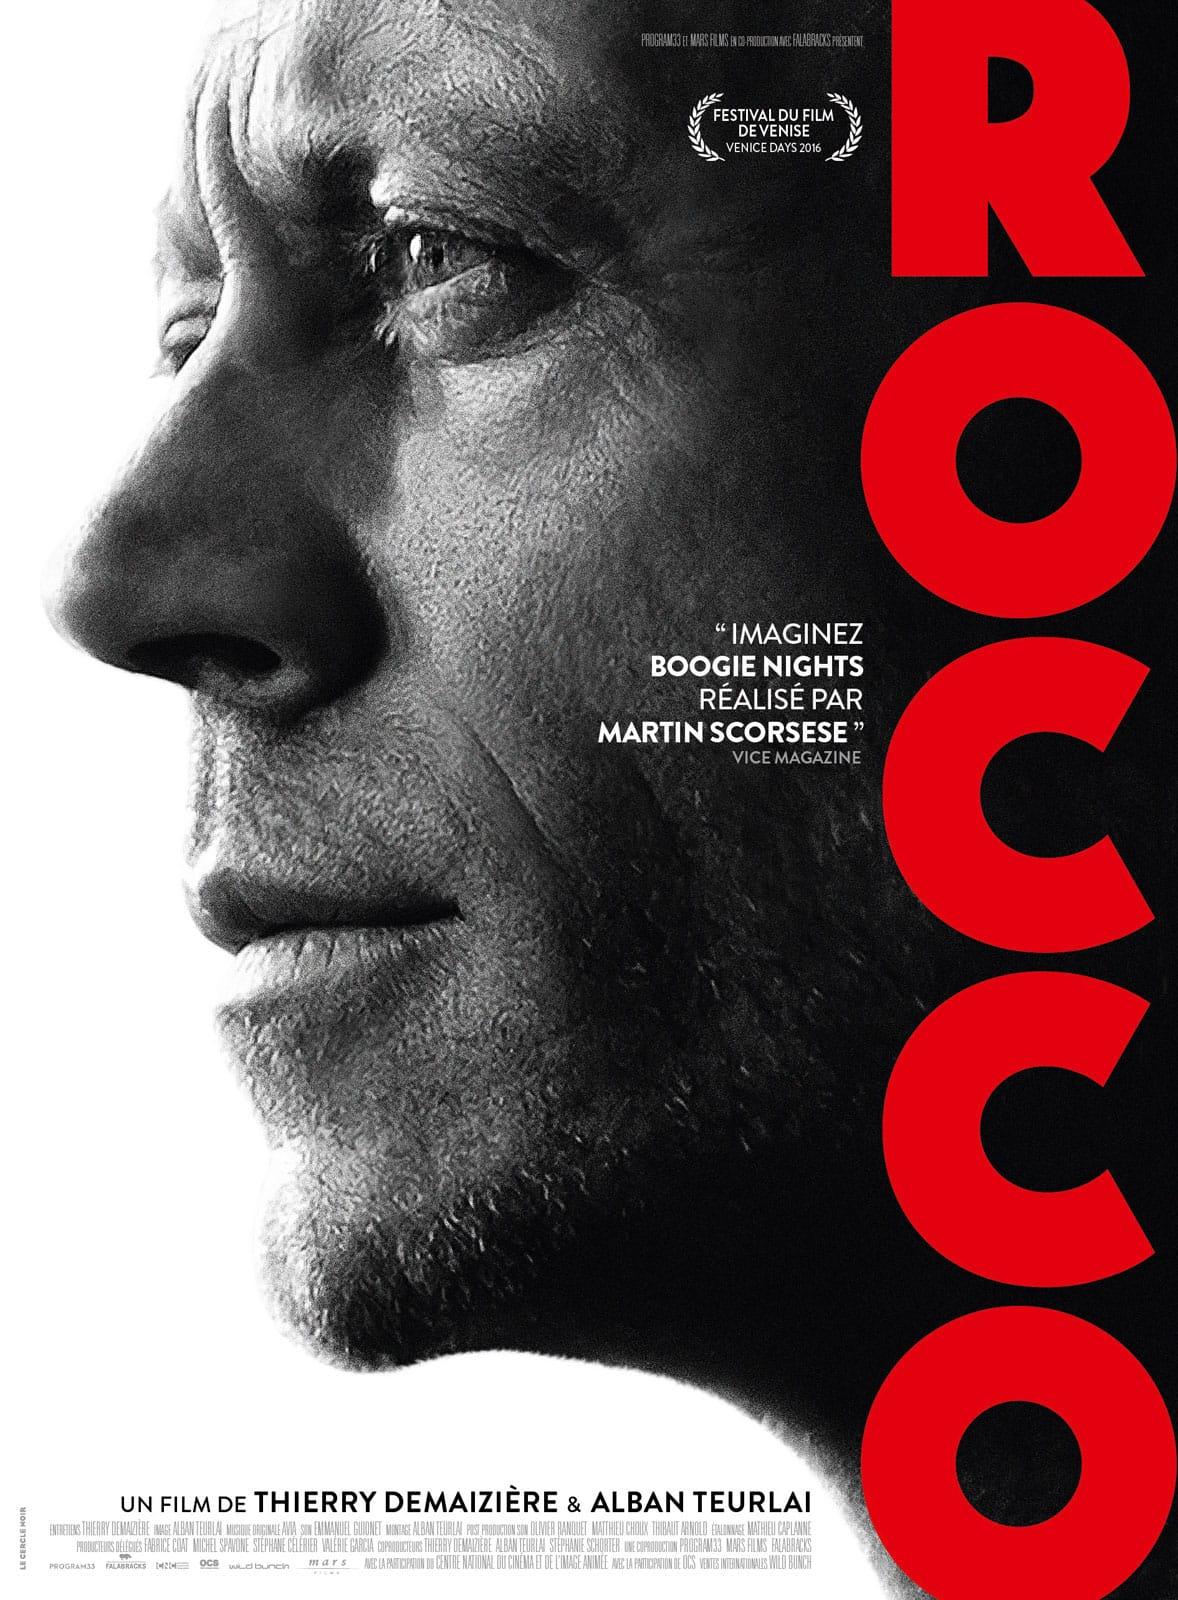 Rocco affiche critique dvd